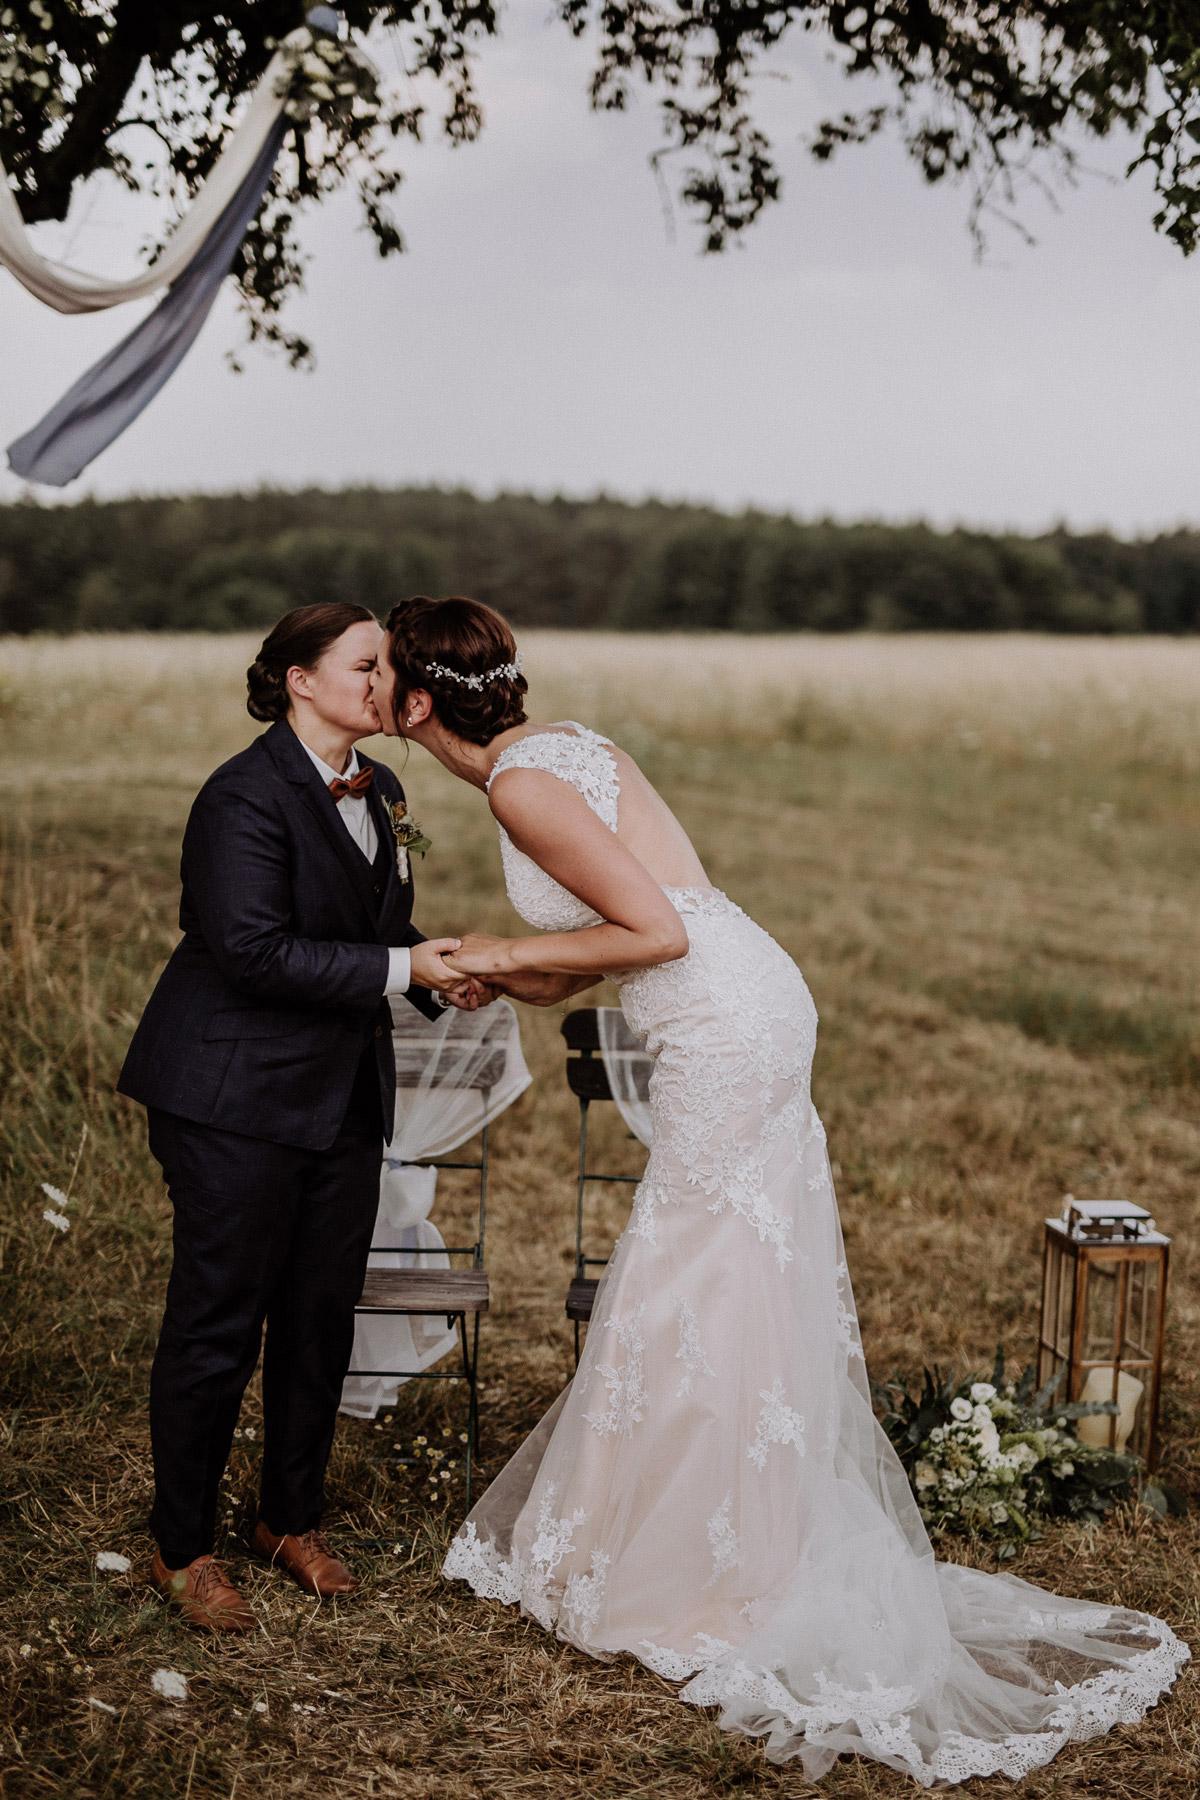 Lesbische Corona Hochzeit: Kuss freie Trauung auf Feld in Nähe Hochzeitslocation Gut Sarnow in Brandenburg von Hochzeitsfotograf Berlin © www.hochzeitslicht.de #hochzeitslicht #gaywedding #samesexwedding